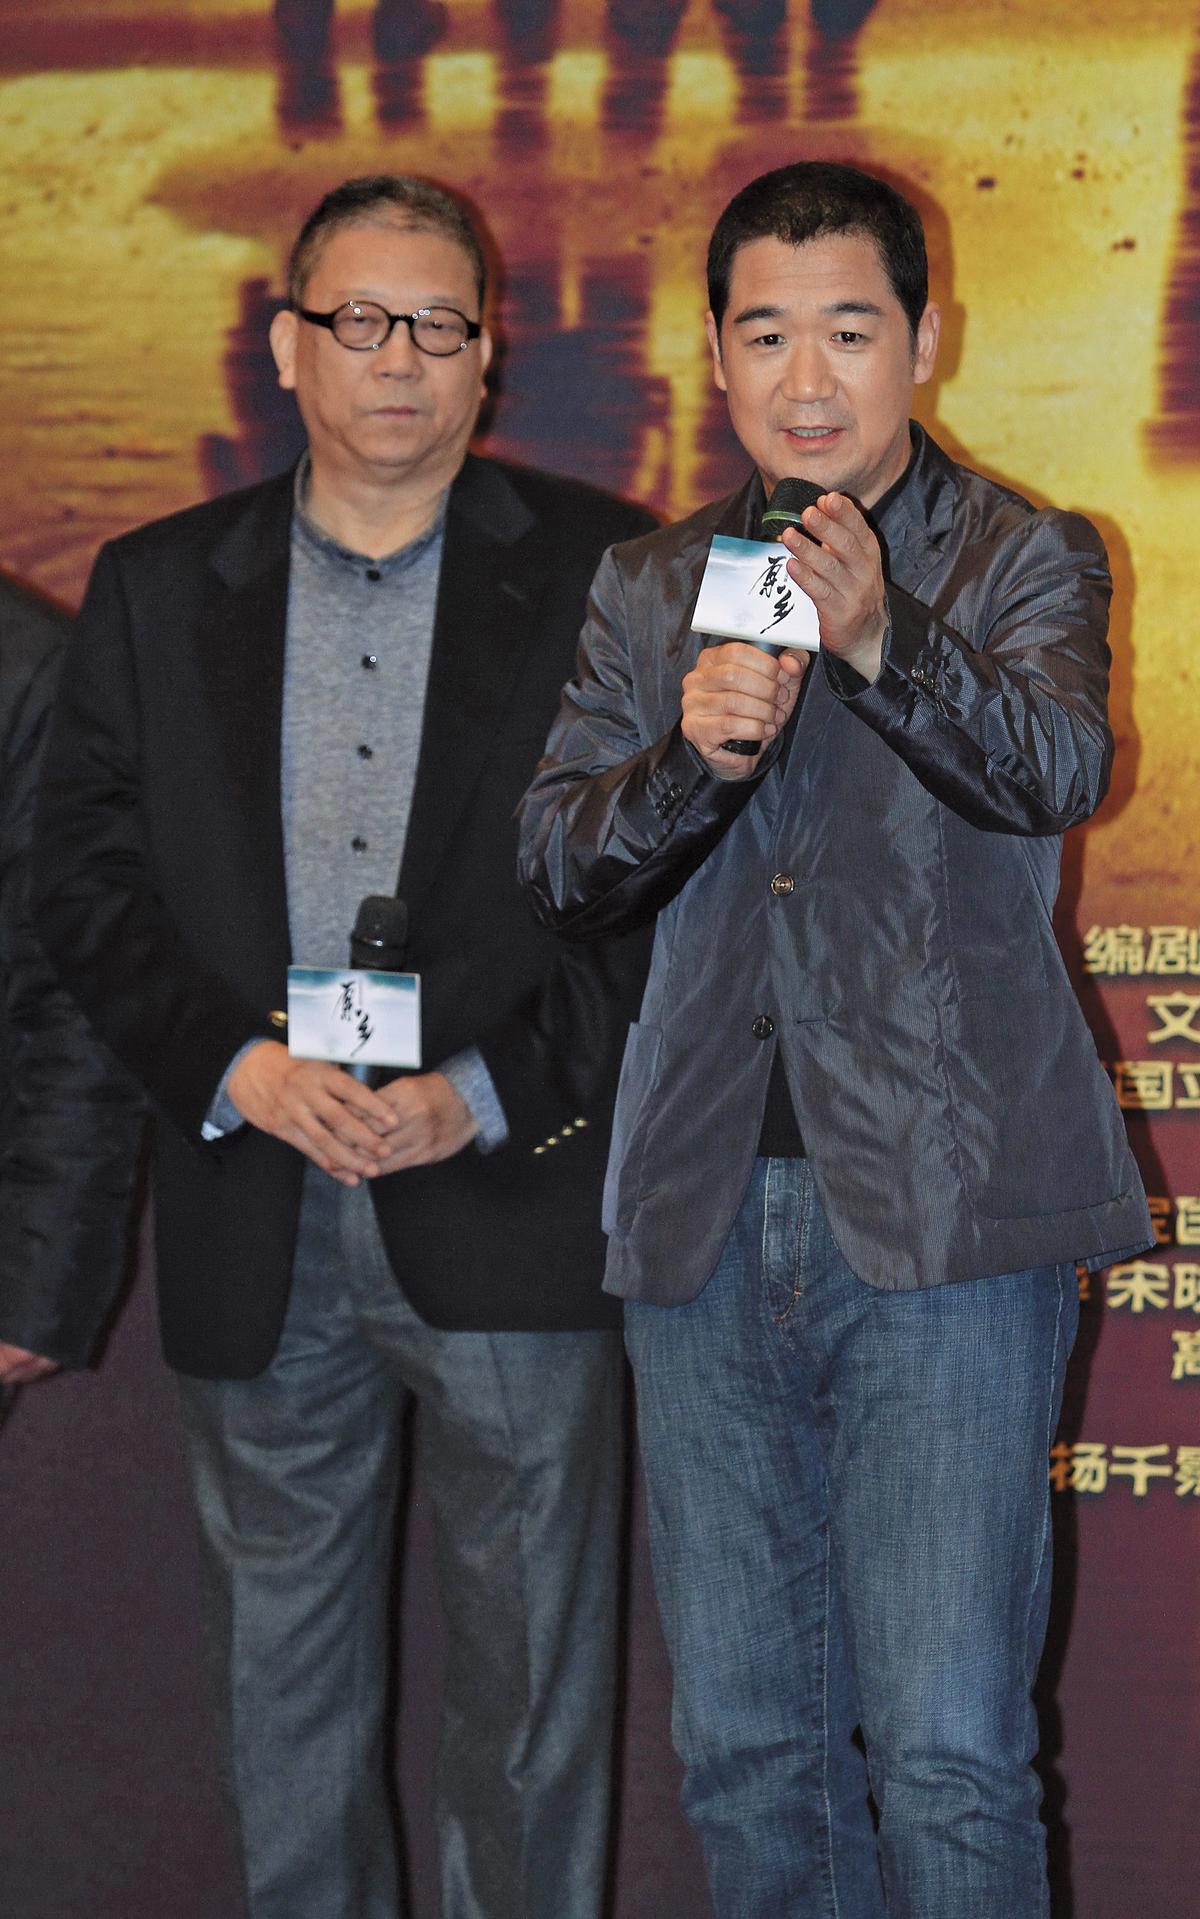 《原鄉》為2012年兩岸合作拍攝的鄉土劇,找來張國立(右)主演,陳文貴執筆編劇。(東方IC)